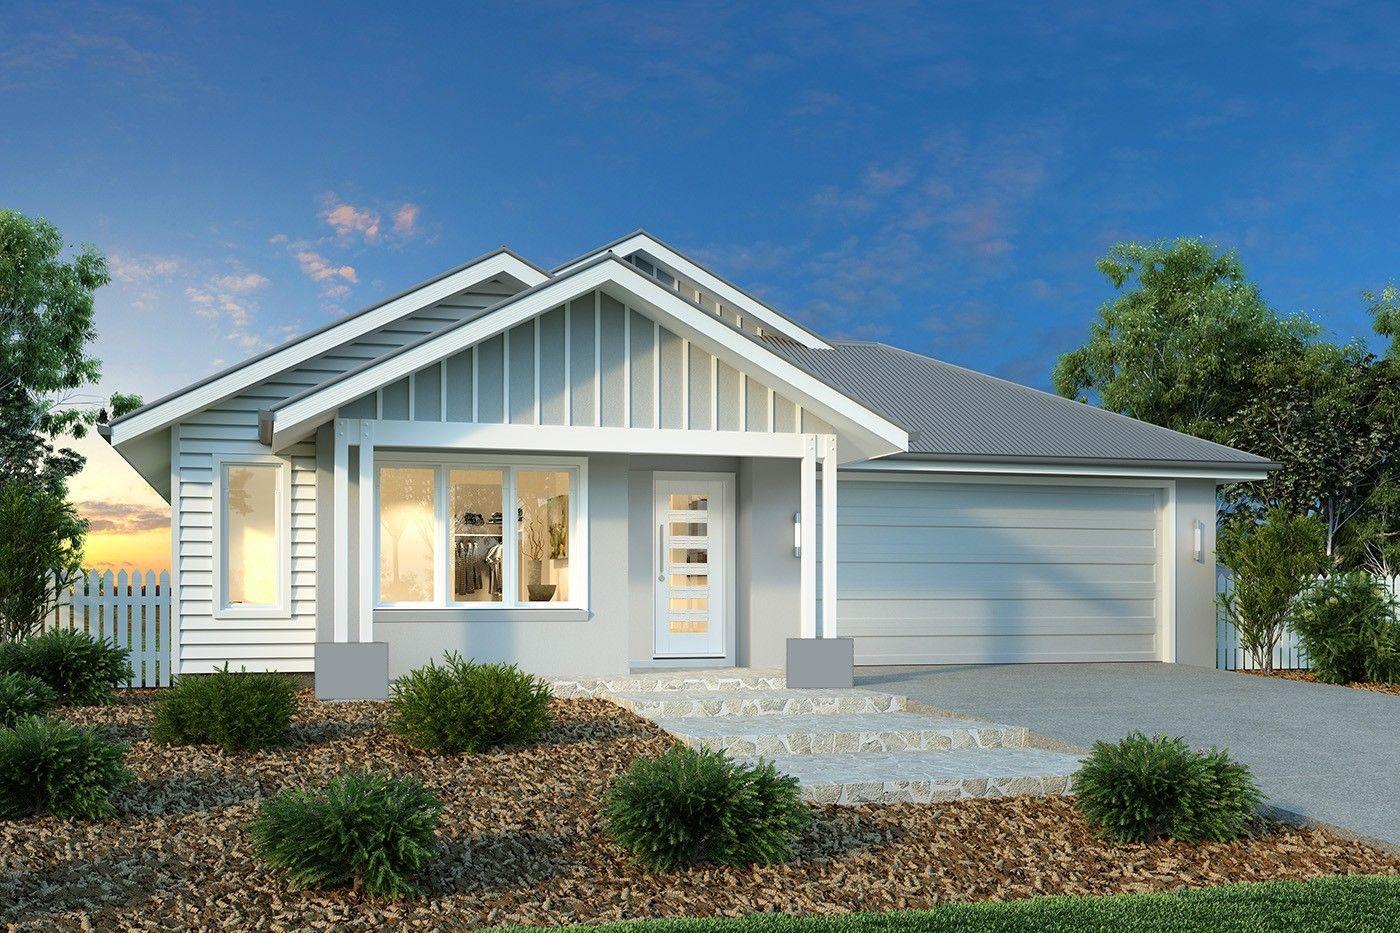 Lot 5243, Build New! TBA, Newport QLD 4020, Image 0